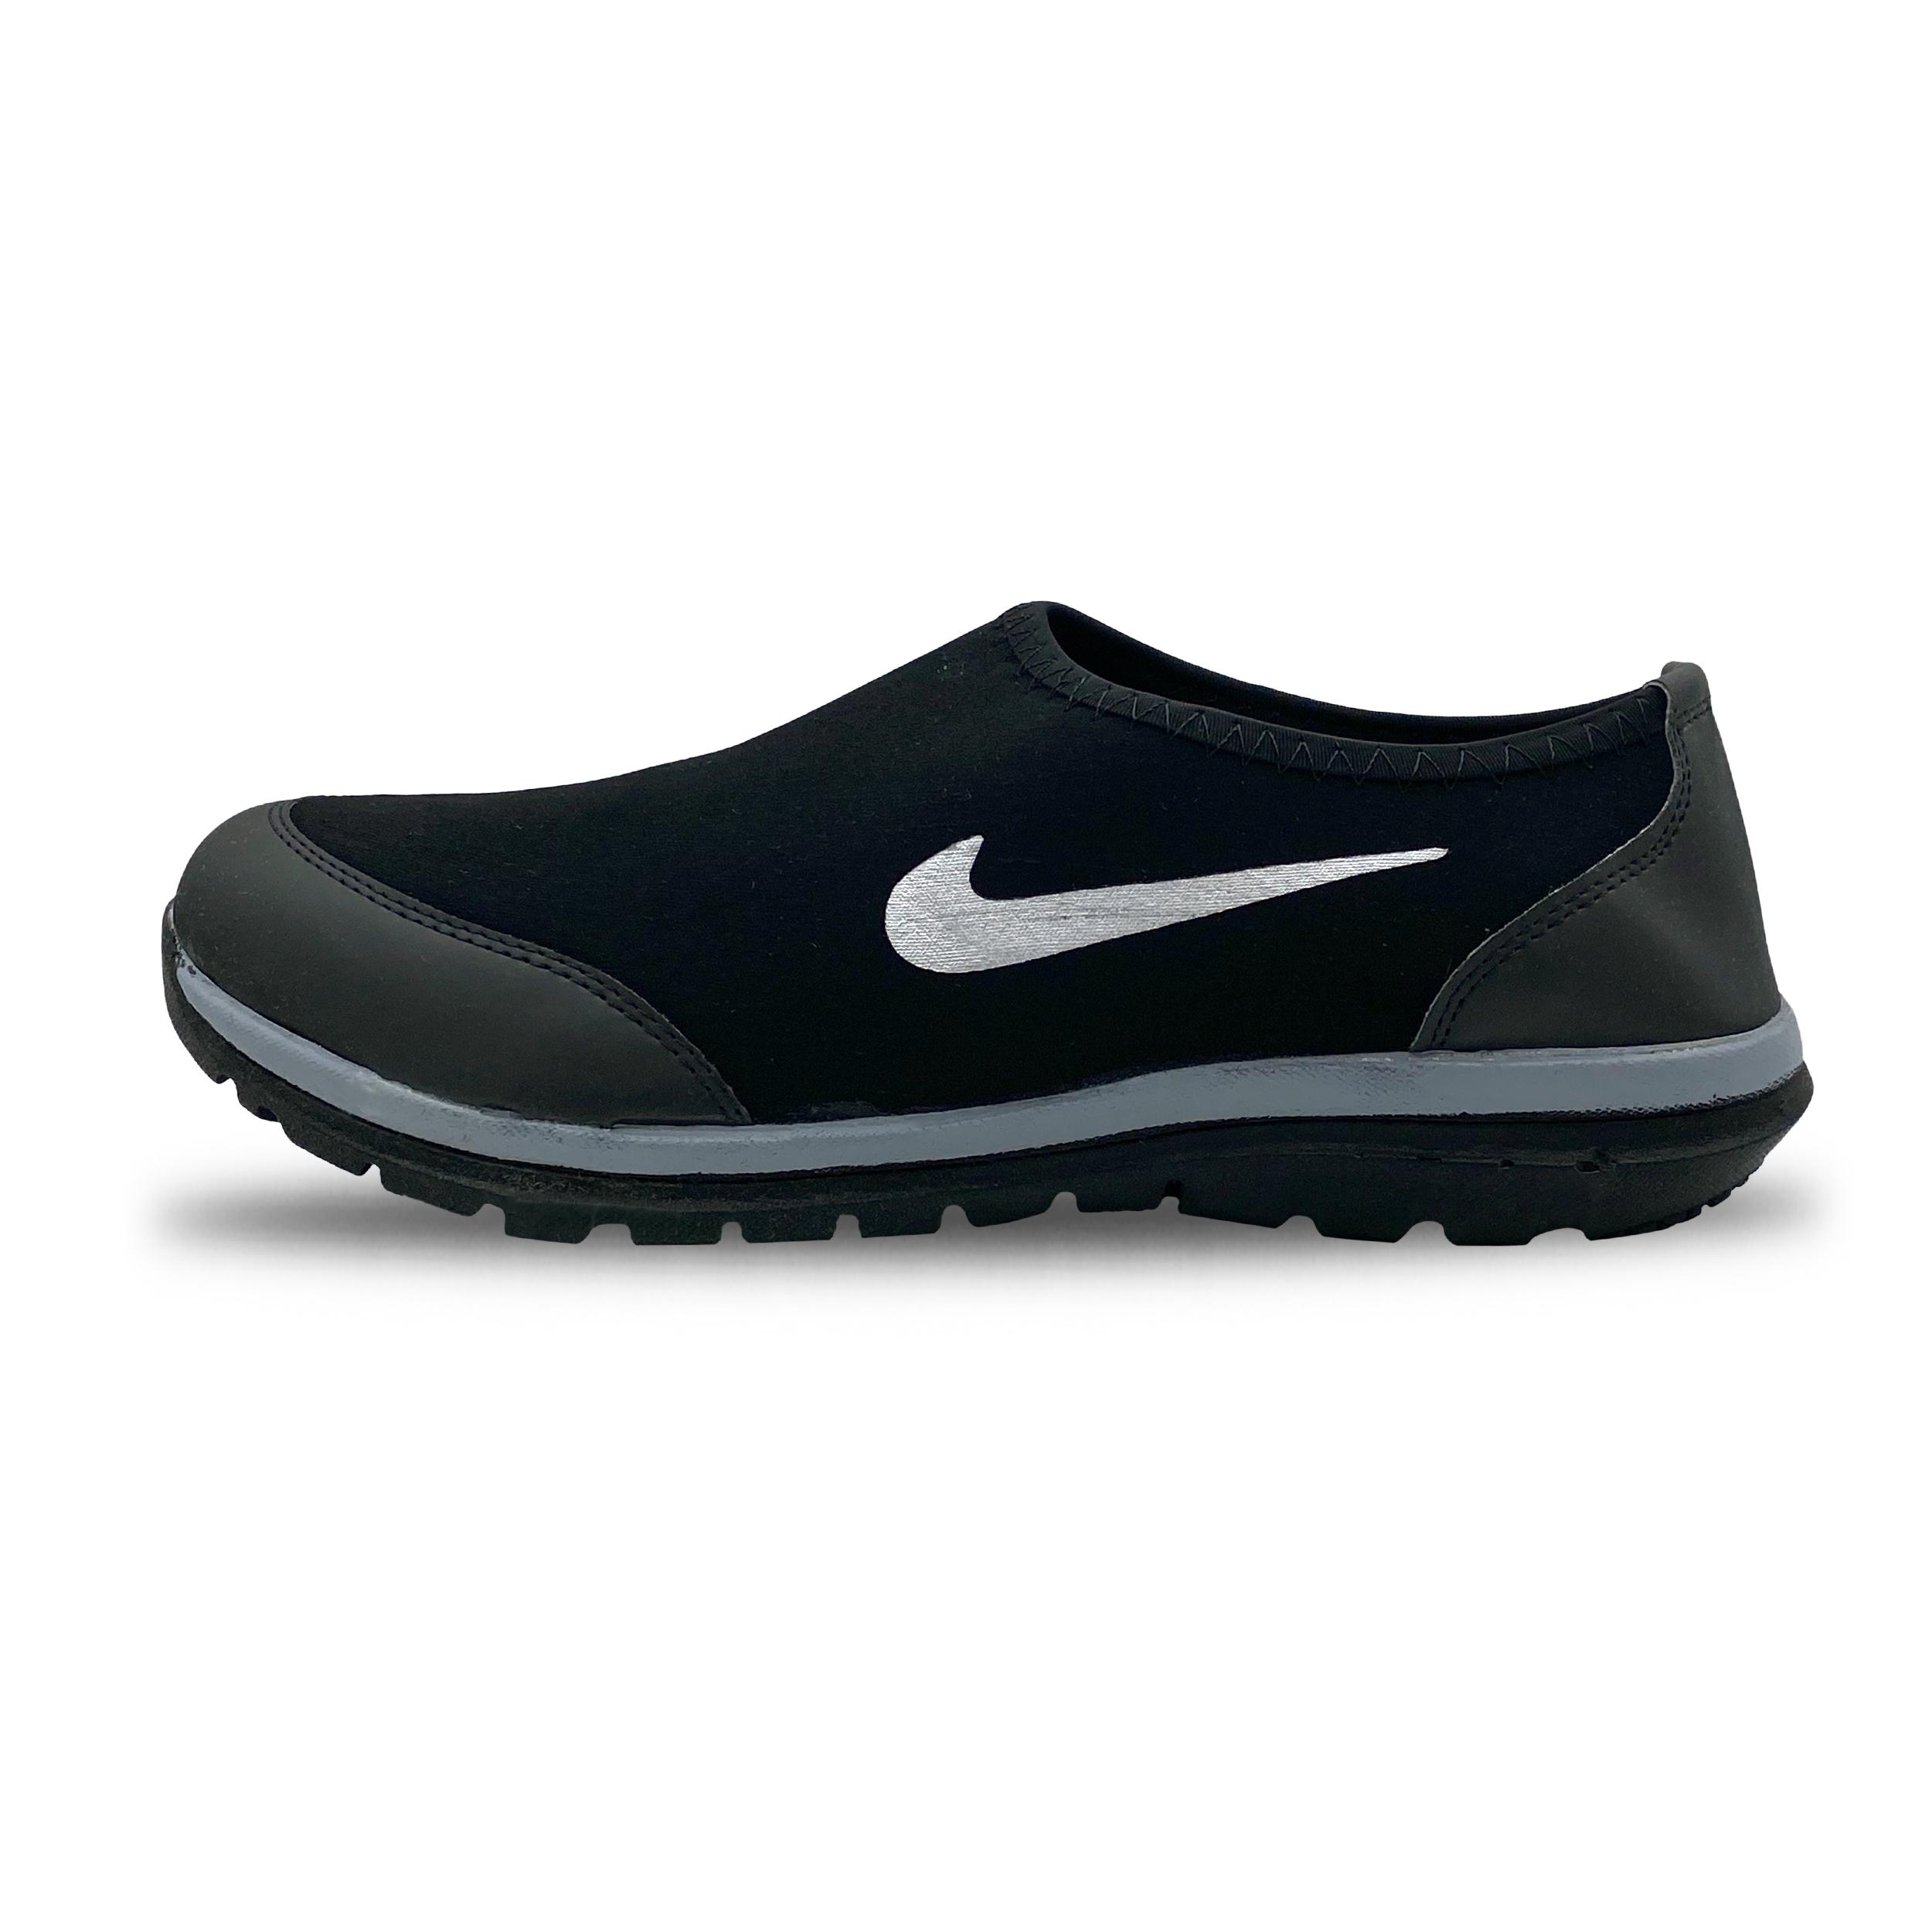 خرید                      کفش راحتی مردانه کد 1634              👟